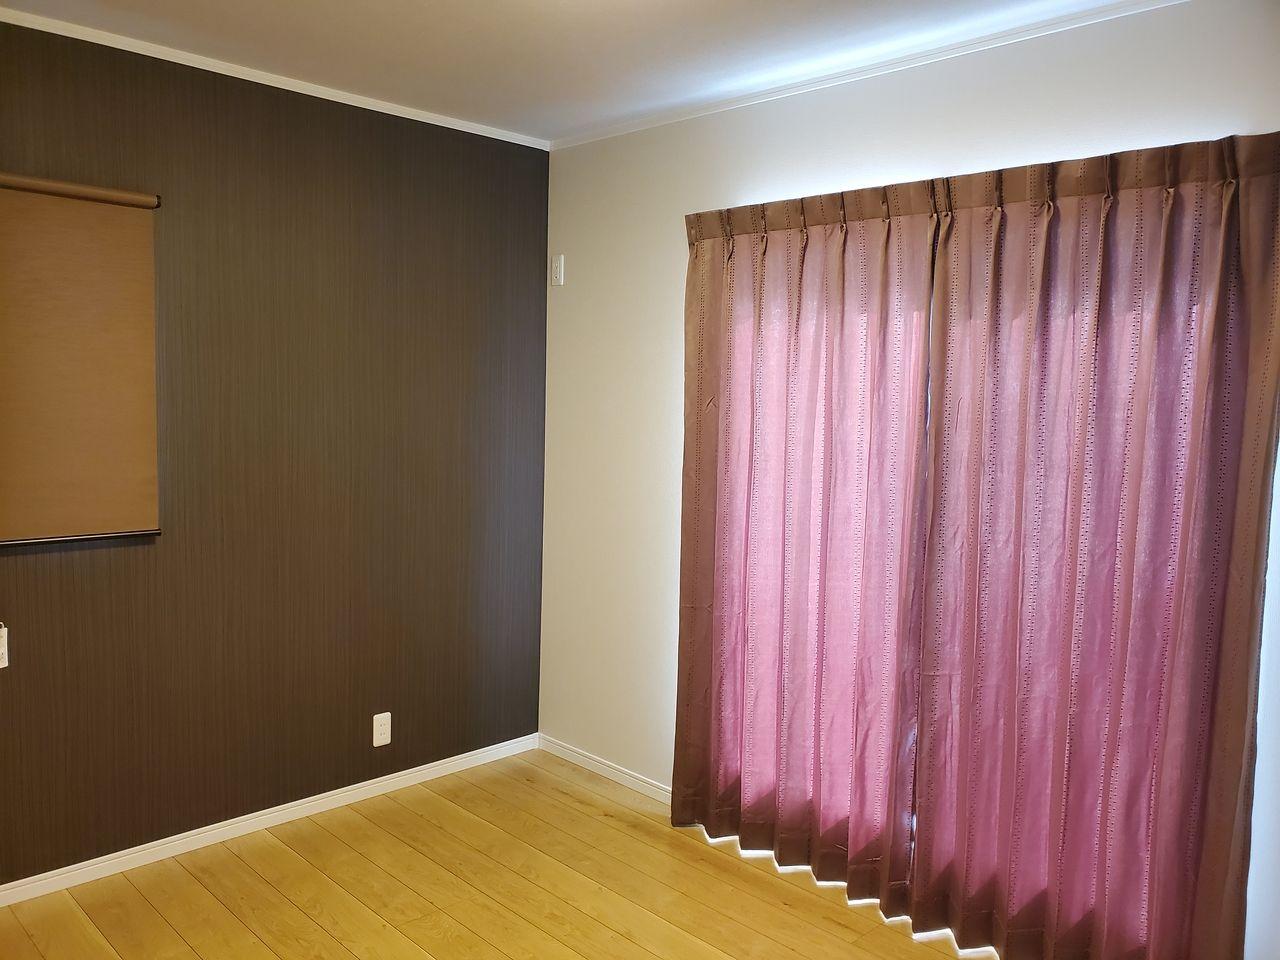 素敵なカーテン 設置完了^^